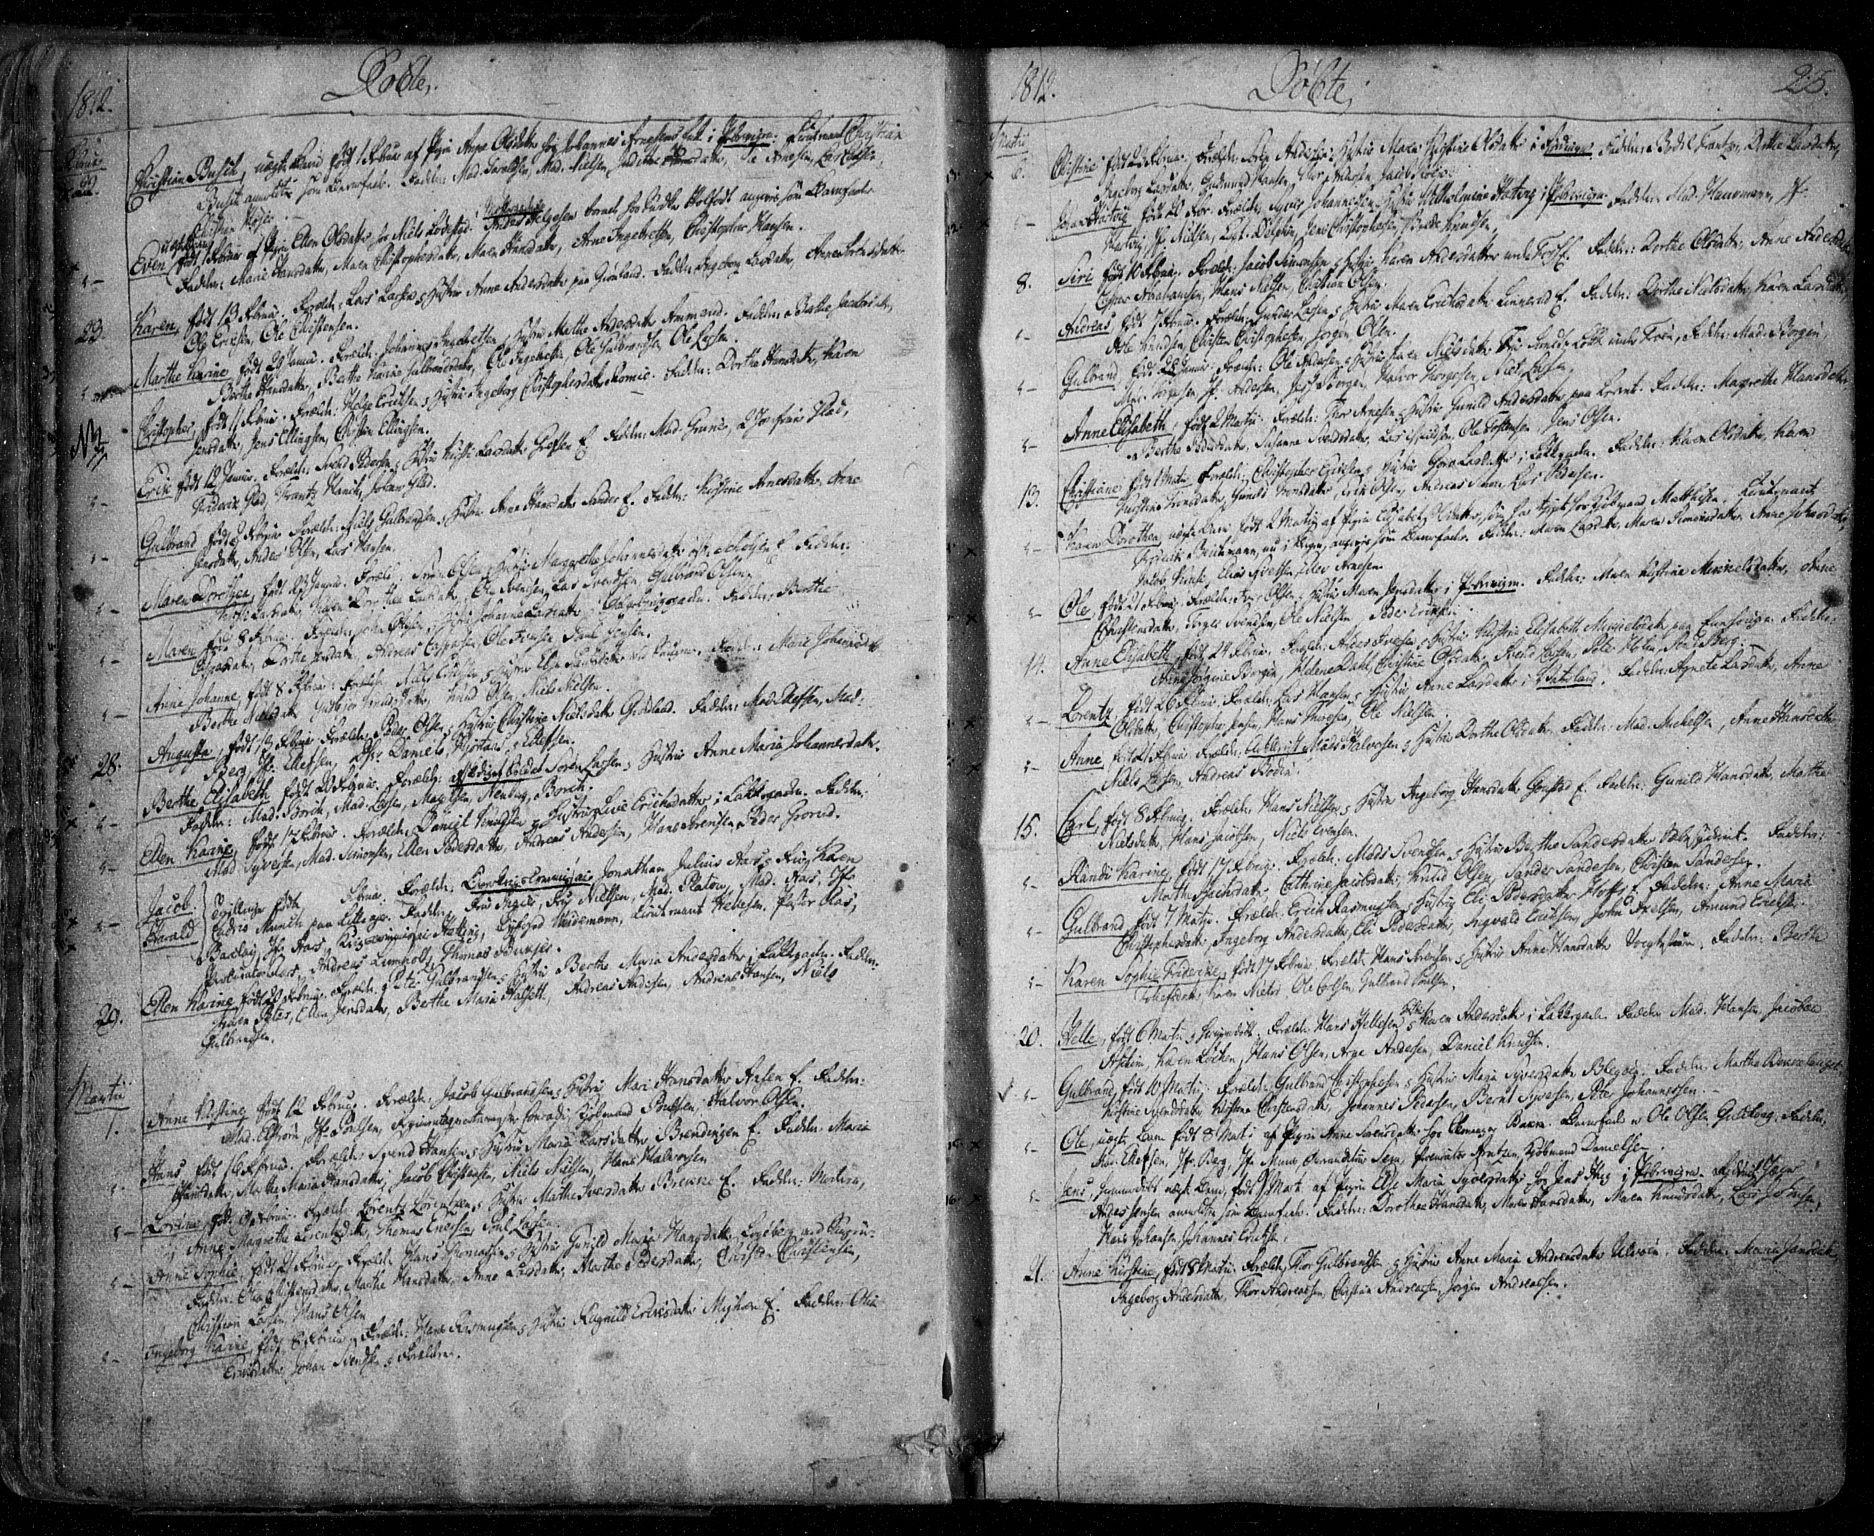 SAO, Aker prestekontor kirkebøker, F/L0011: Ministerialbok nr. 11, 1810-1819, s. 23